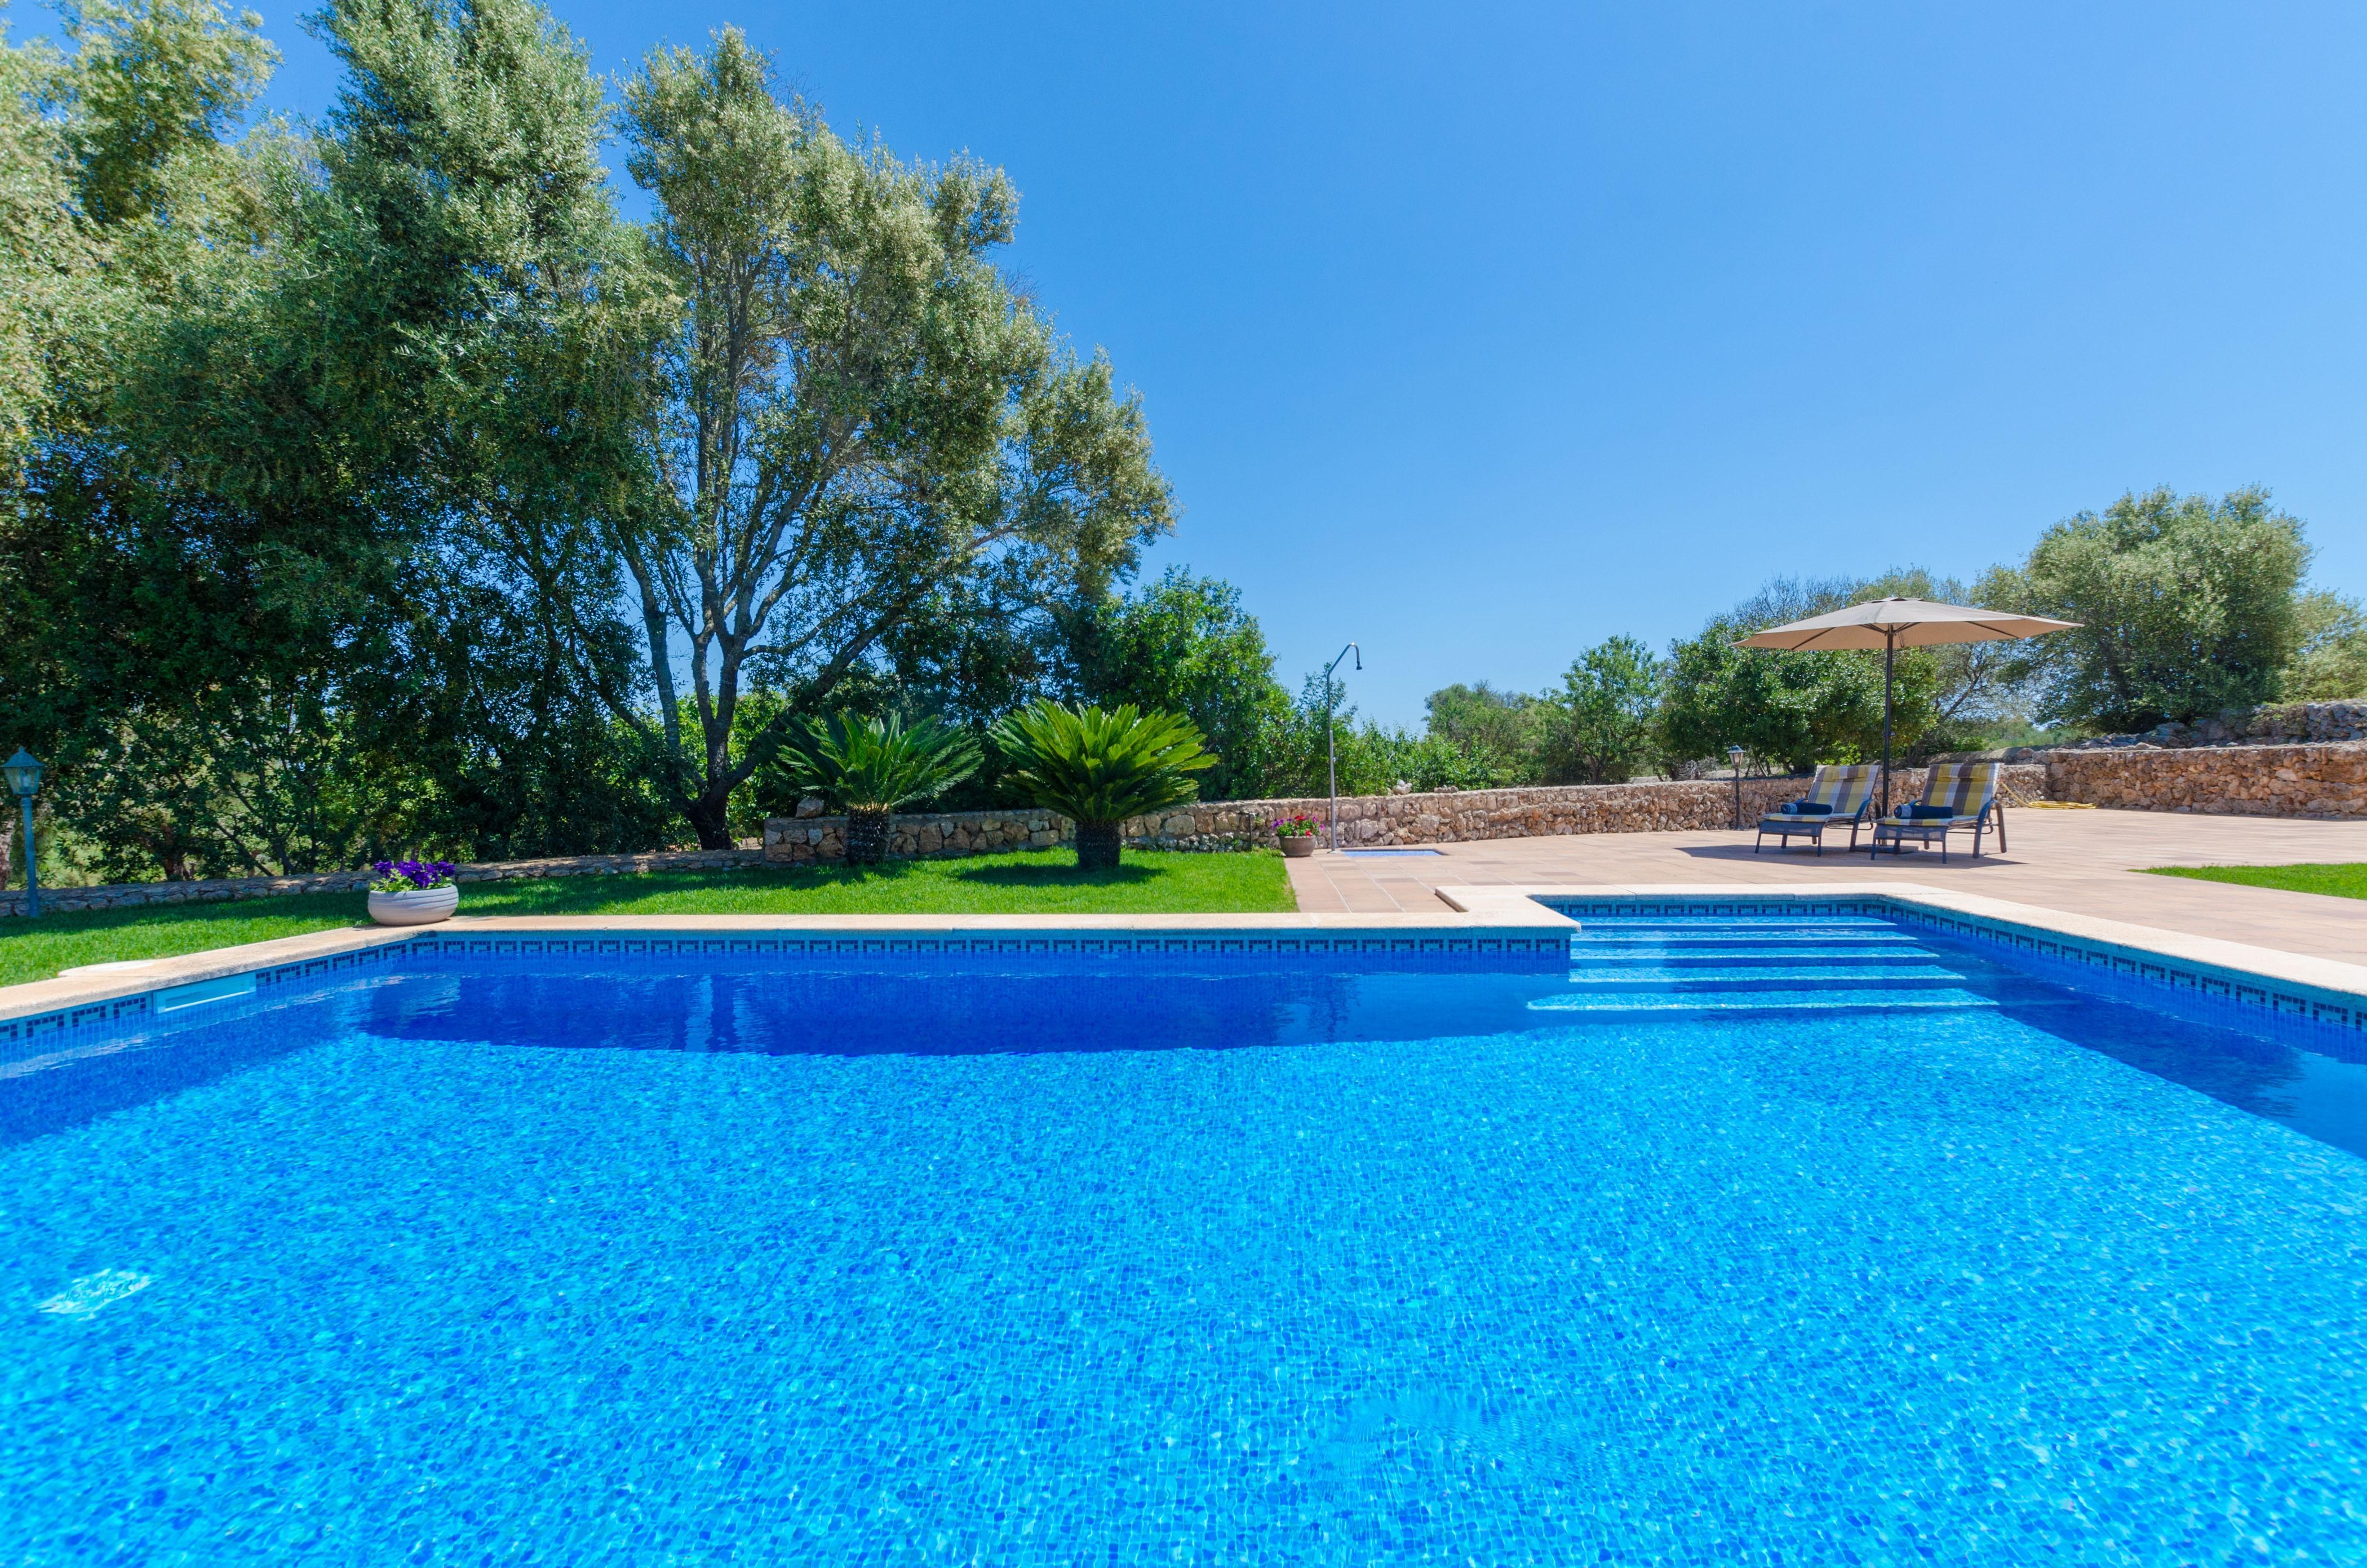 Maison de vacances ES VEDAT (2632993), Lloret de Vistalegre, Majorque, Iles Baléares, Espagne, image 7